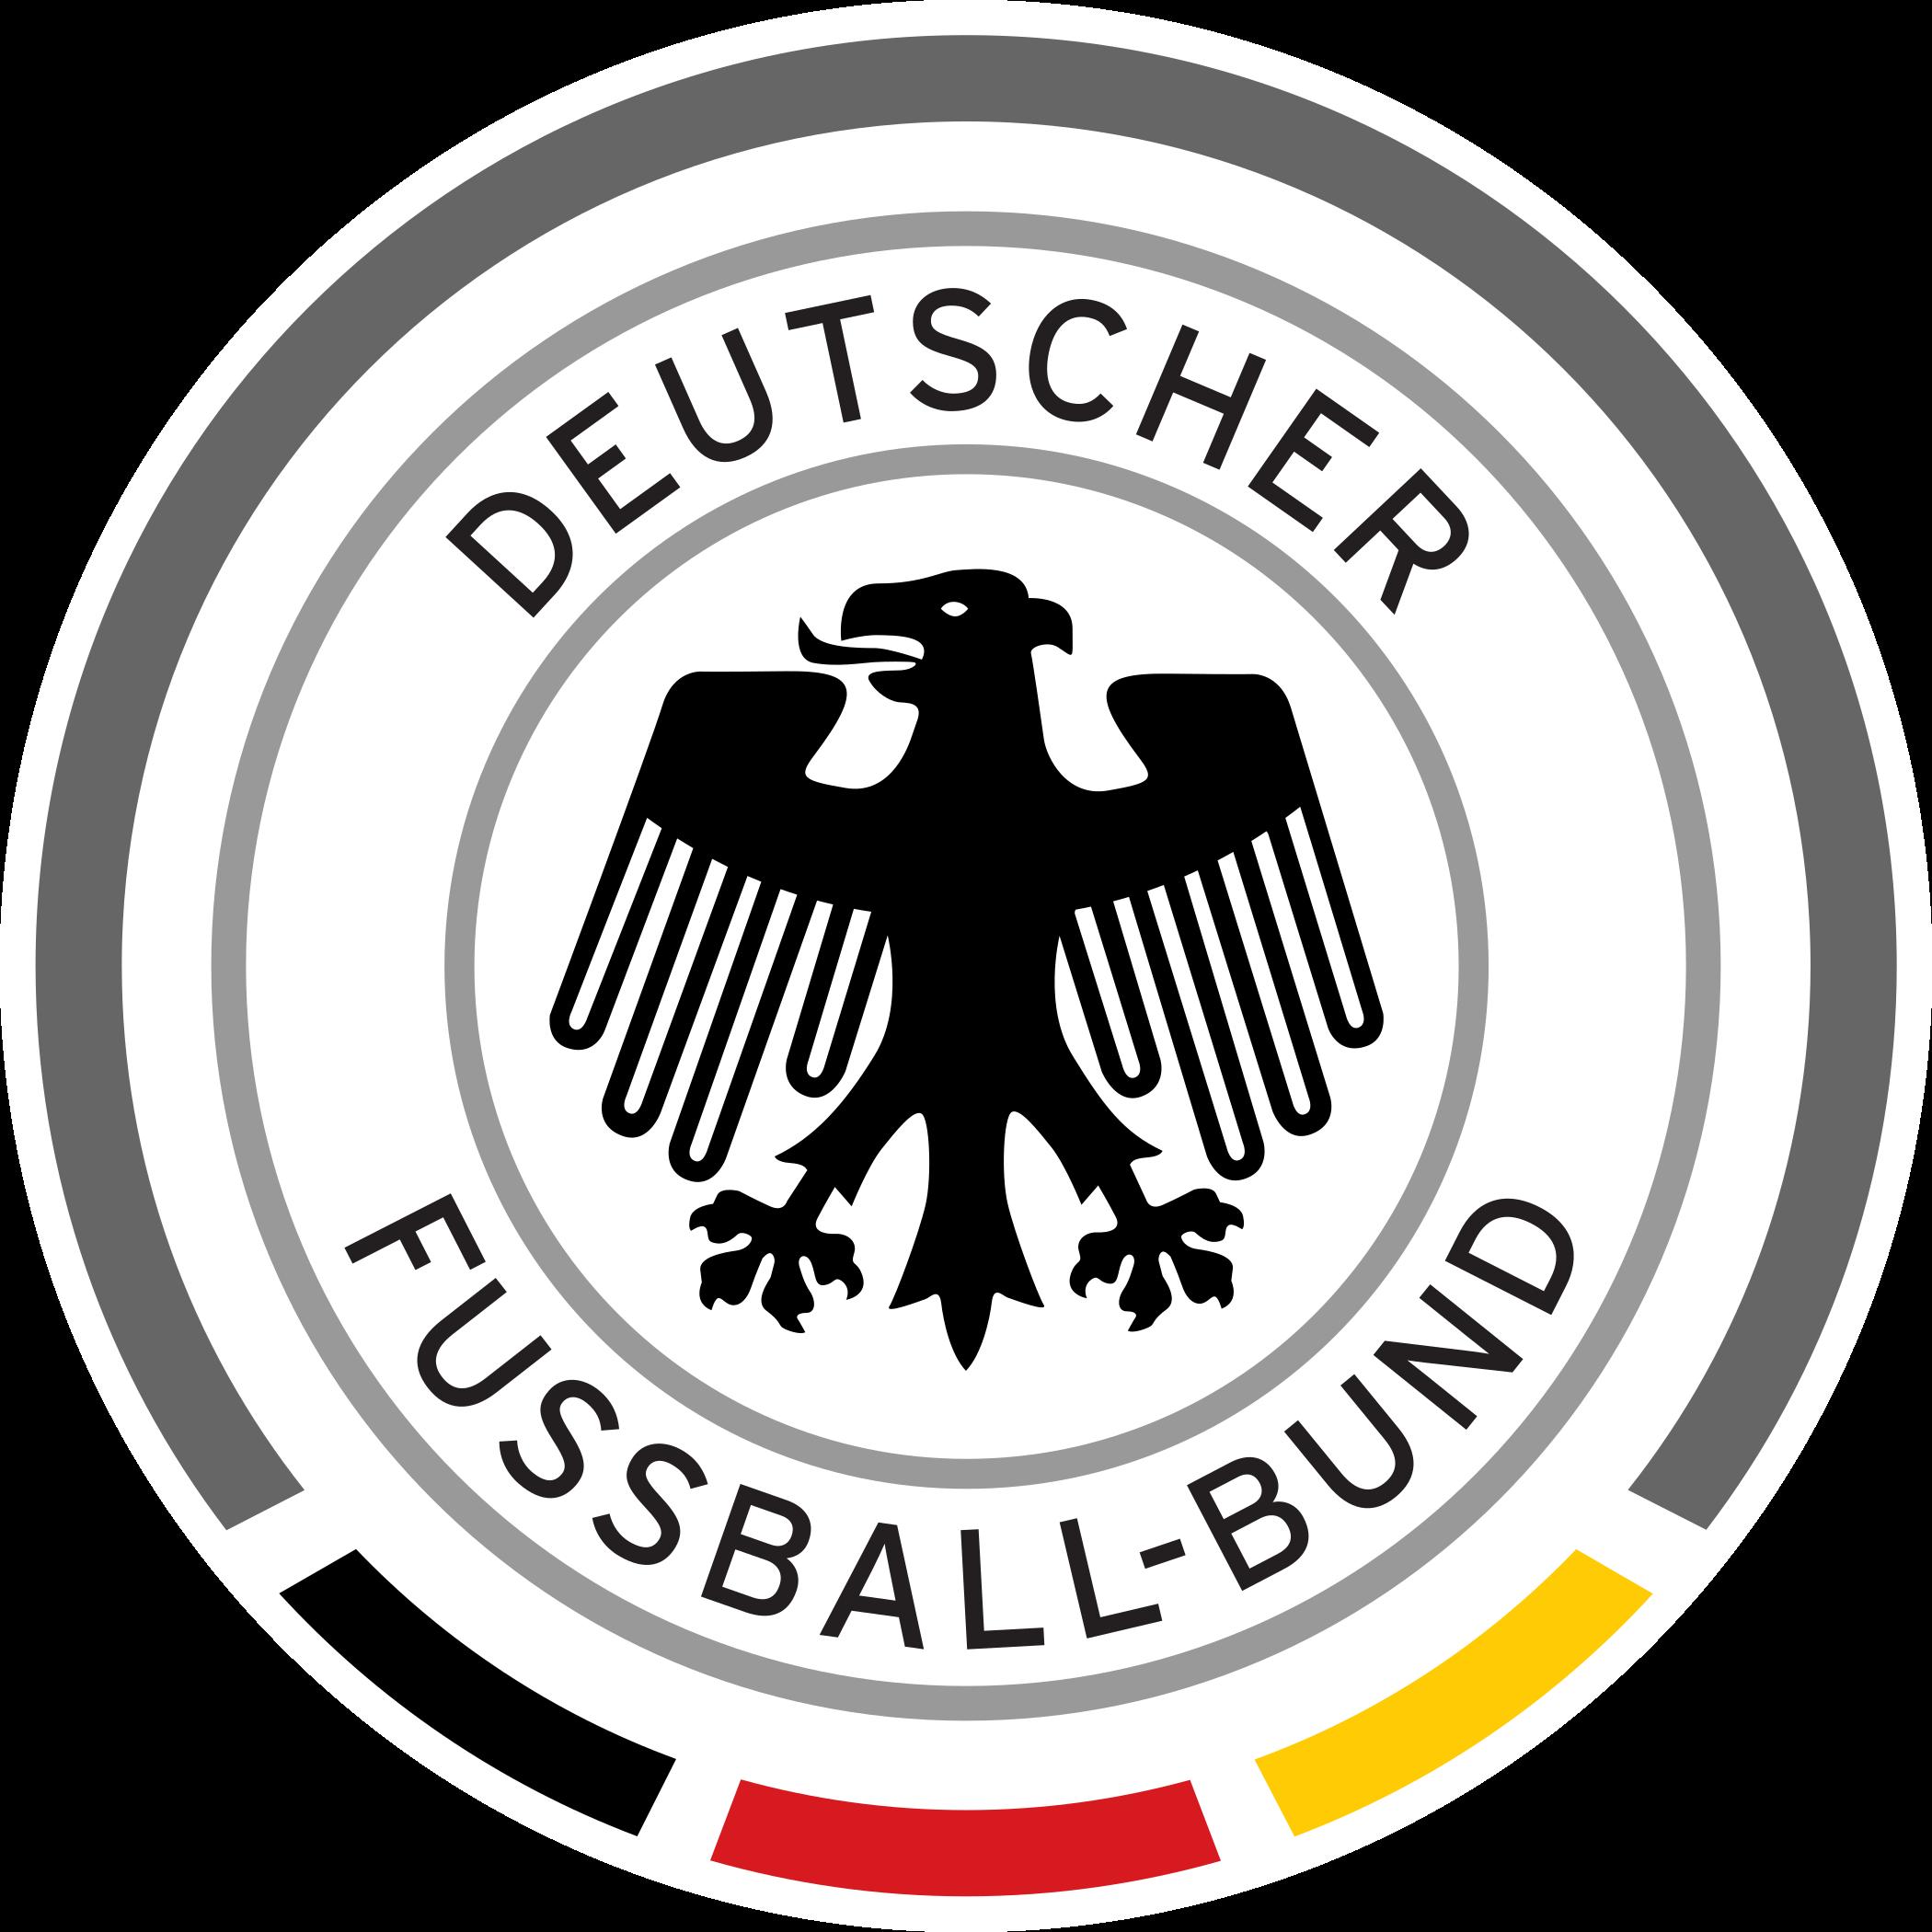 selecao alemanha logo escudo 3 - Seleção da Alemanha Logo - Escudo